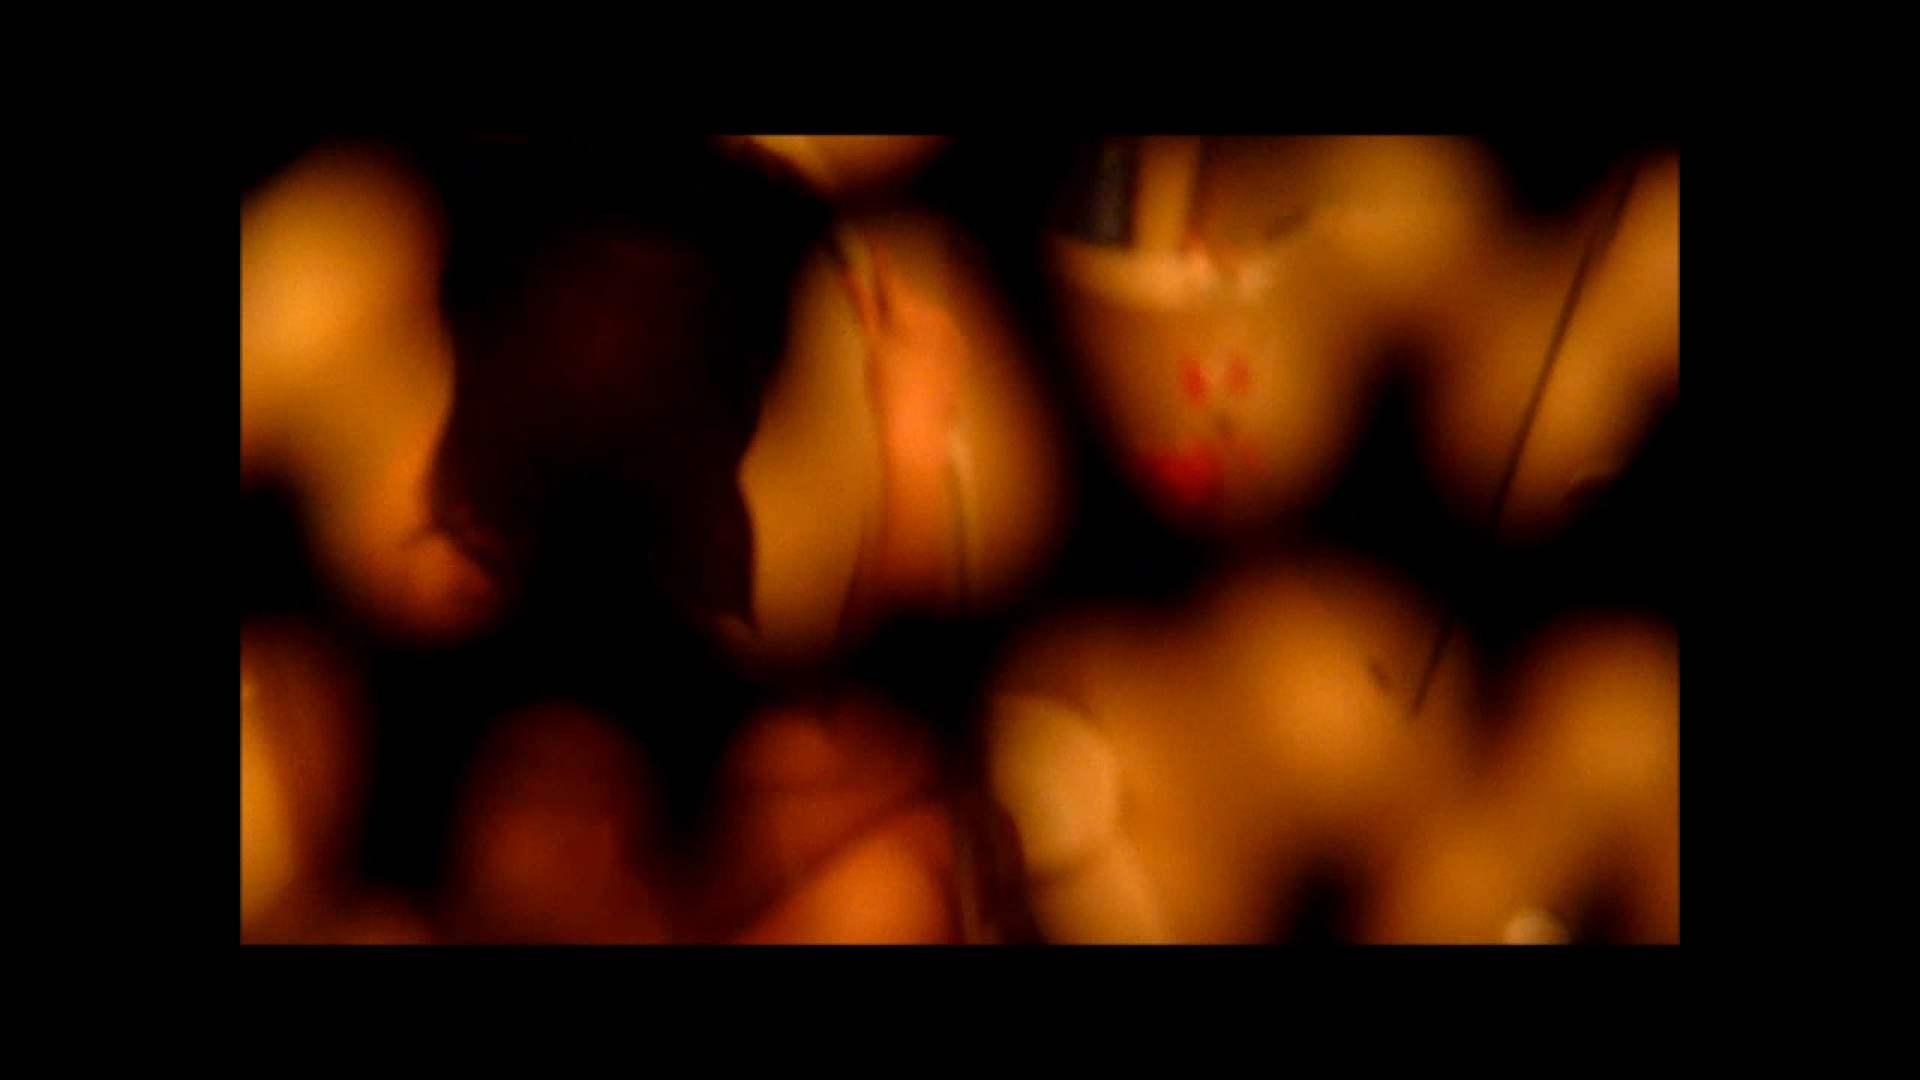 【02】ベランダに侵入して張り込みを始めて・・・やっと結果が出ました。 家宅侵入 | 0  82画像 79